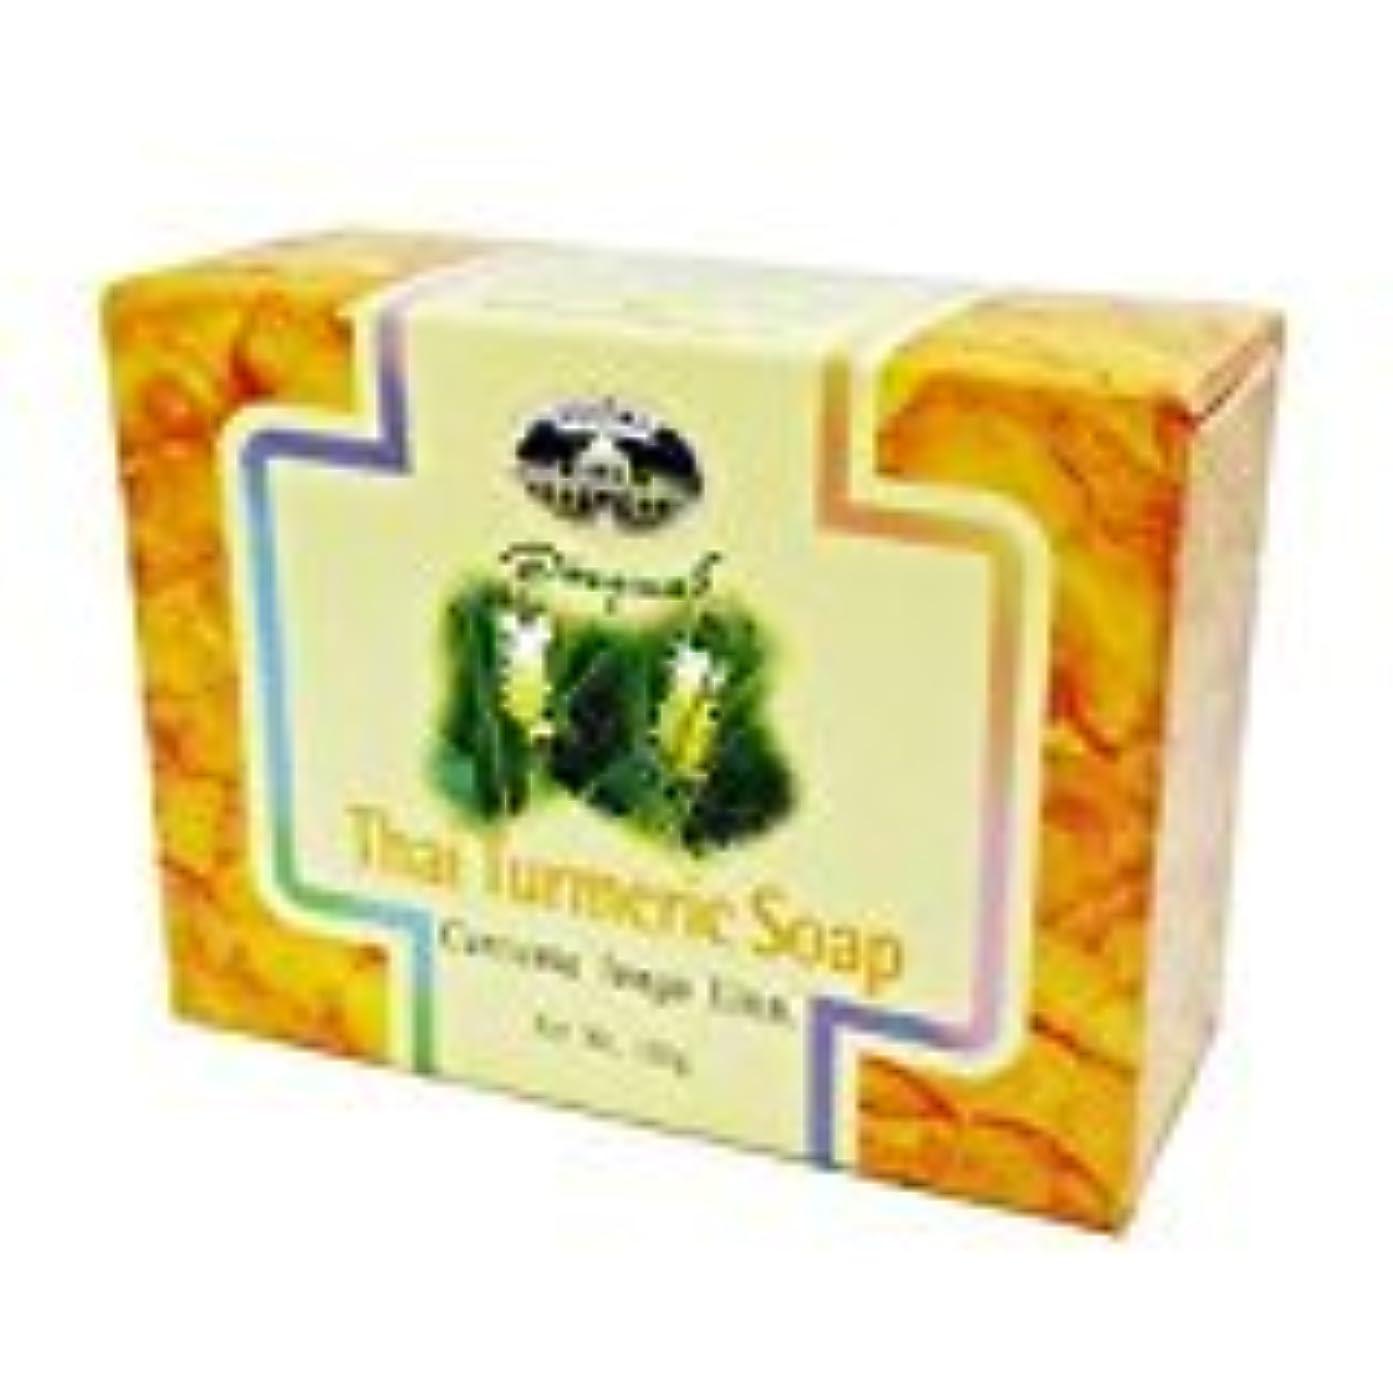 さわやか助手抽出ウコン石けん abhaibhubejhr Turmeric soap 100g